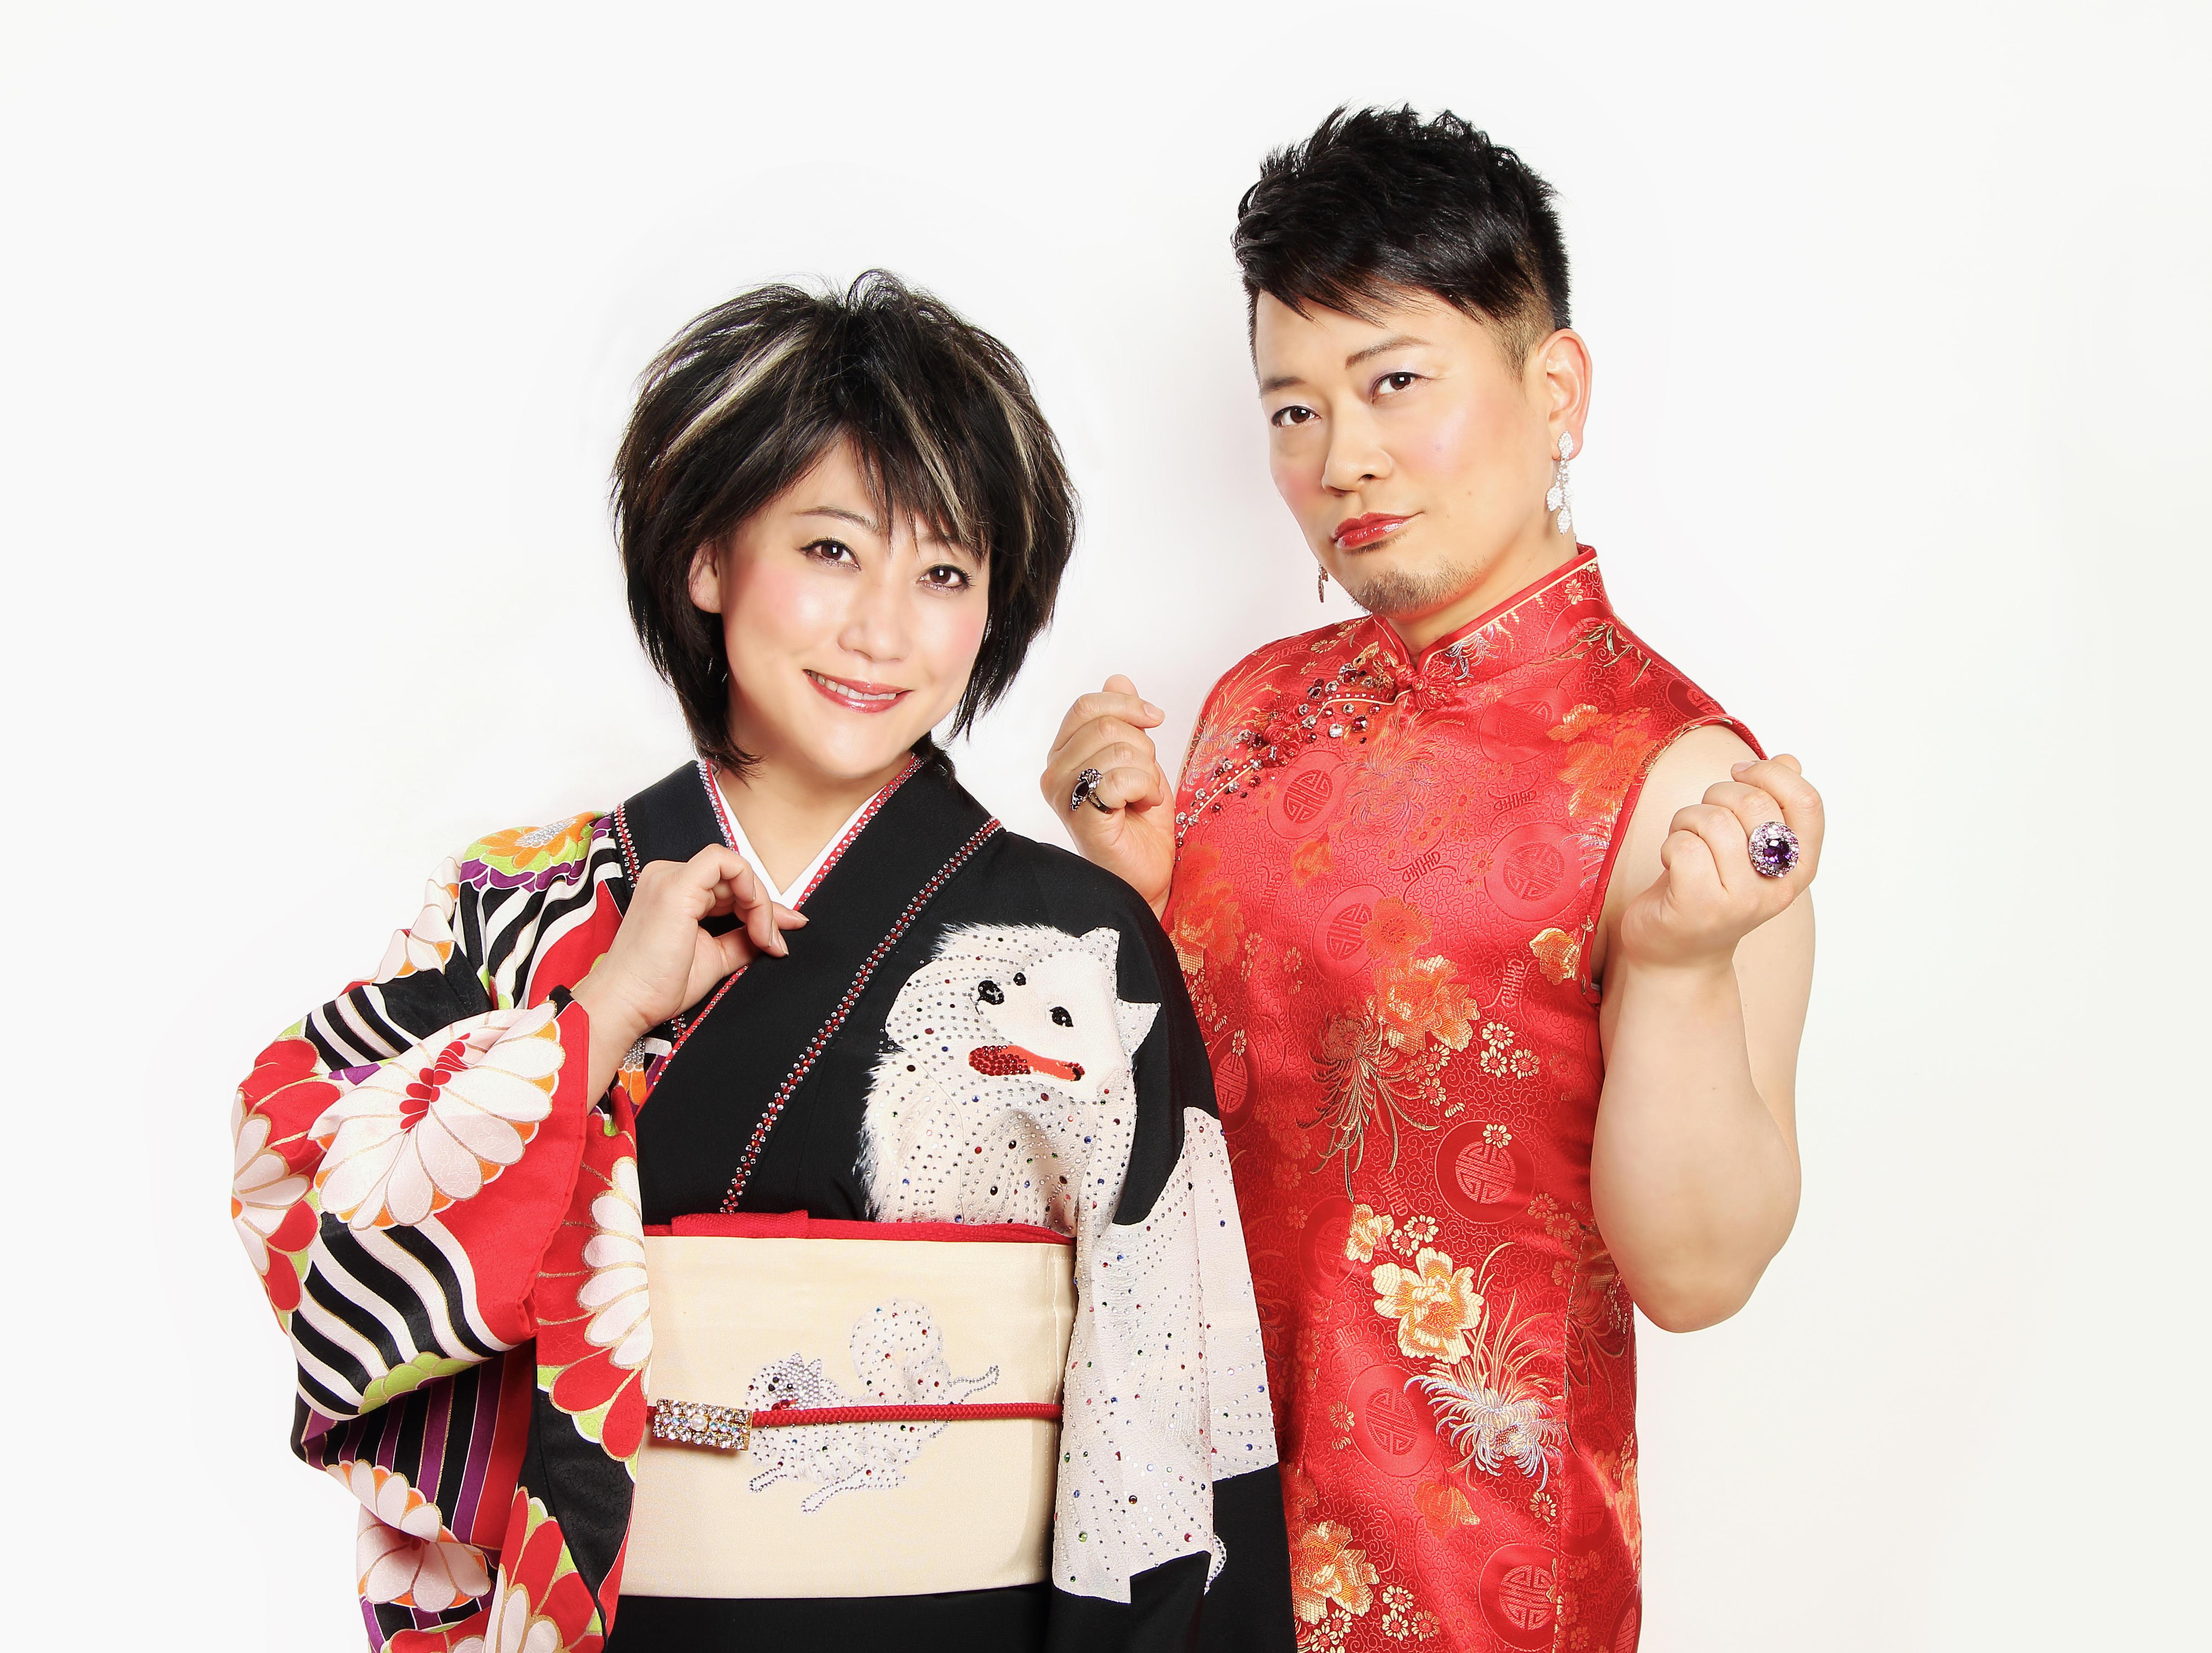 http://news.yoshimoto.co.jp/20170630154506-567c3a4a56c32c34a467a6d6585d5c1e08dc0b29.jpg